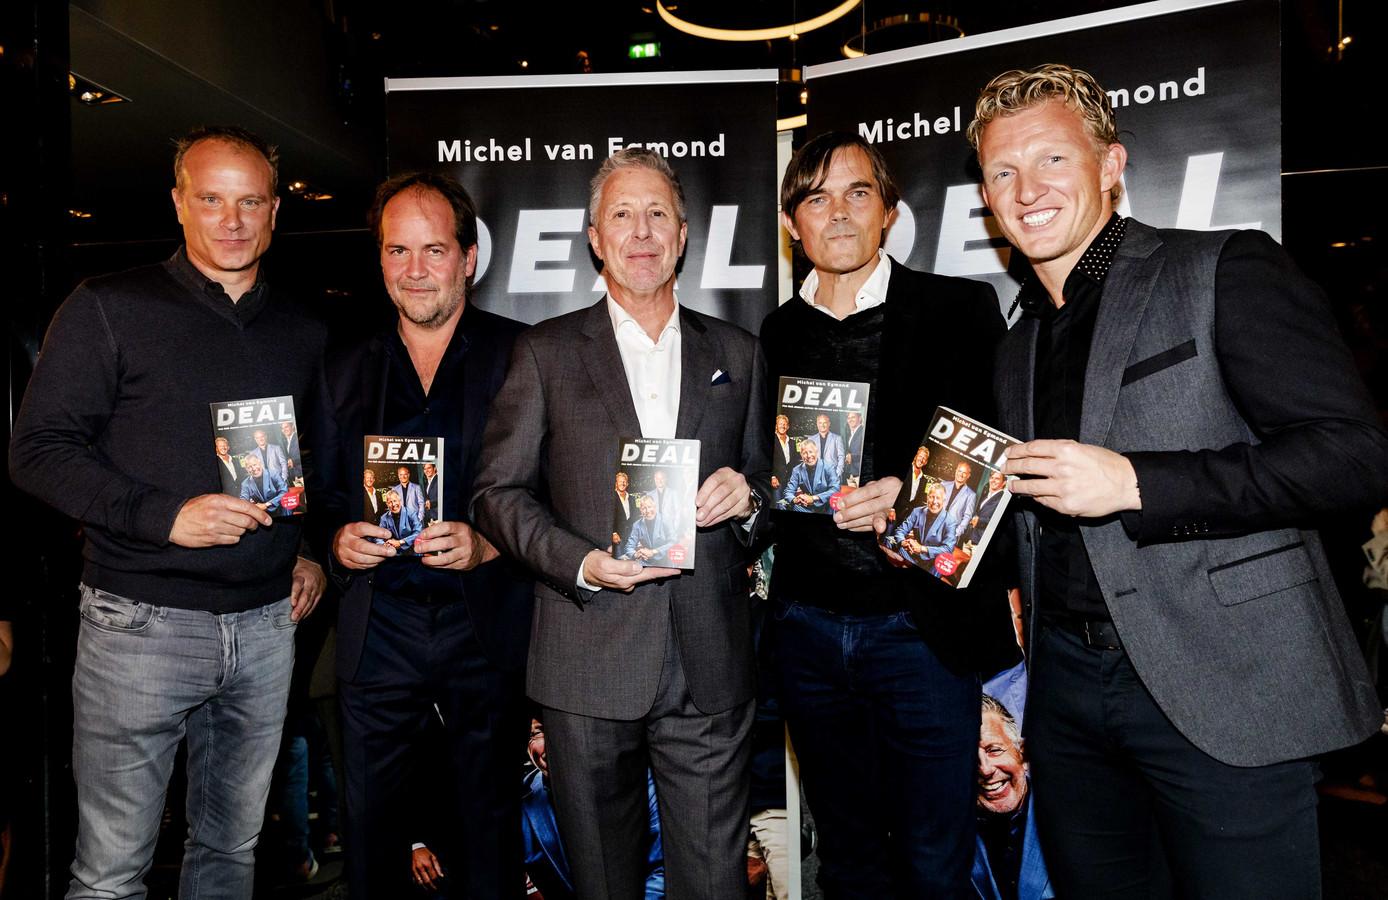 Dennis Bergkamp, Michiel van Egmond, Rob Jansen, Phillip Cocu en Dirk Kuyt bij de presentatie van Deal, een boek over de spelersmakelaar.